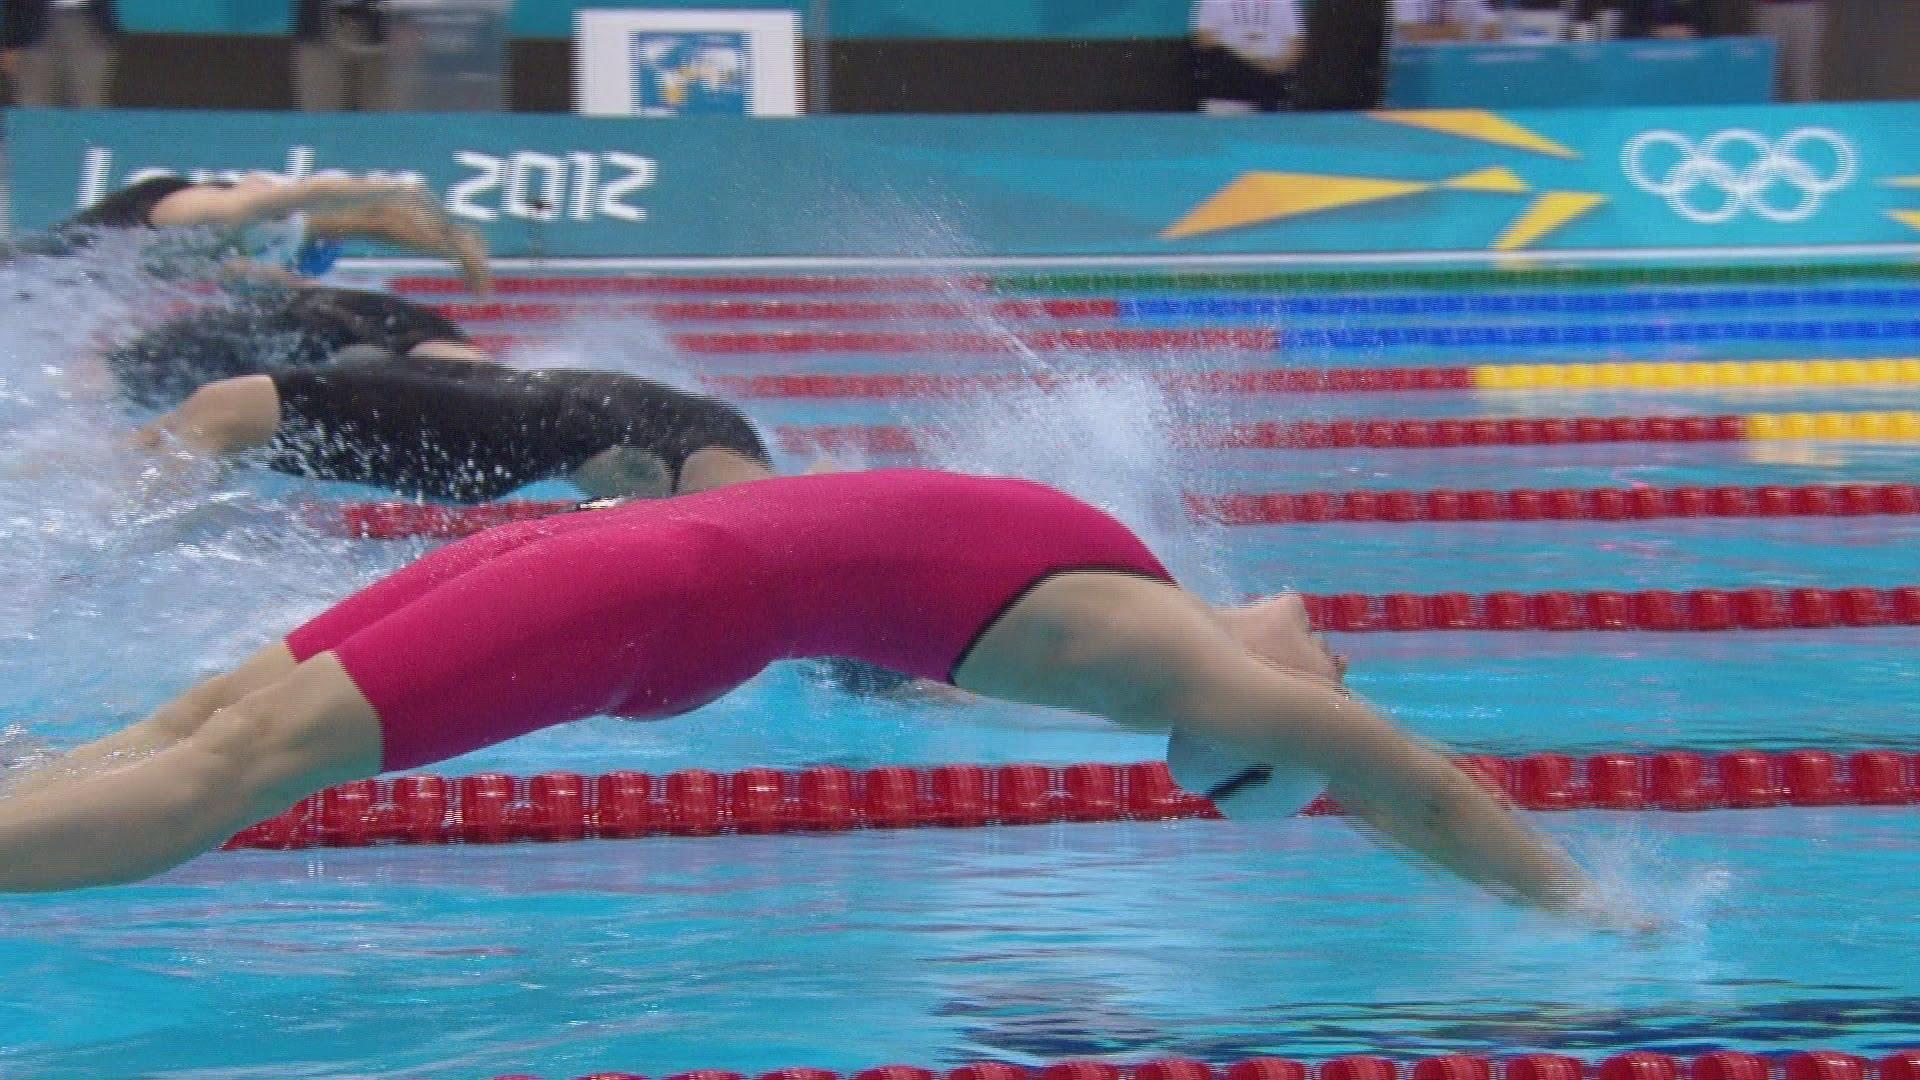 Técnicas-de-natación-espalda-2